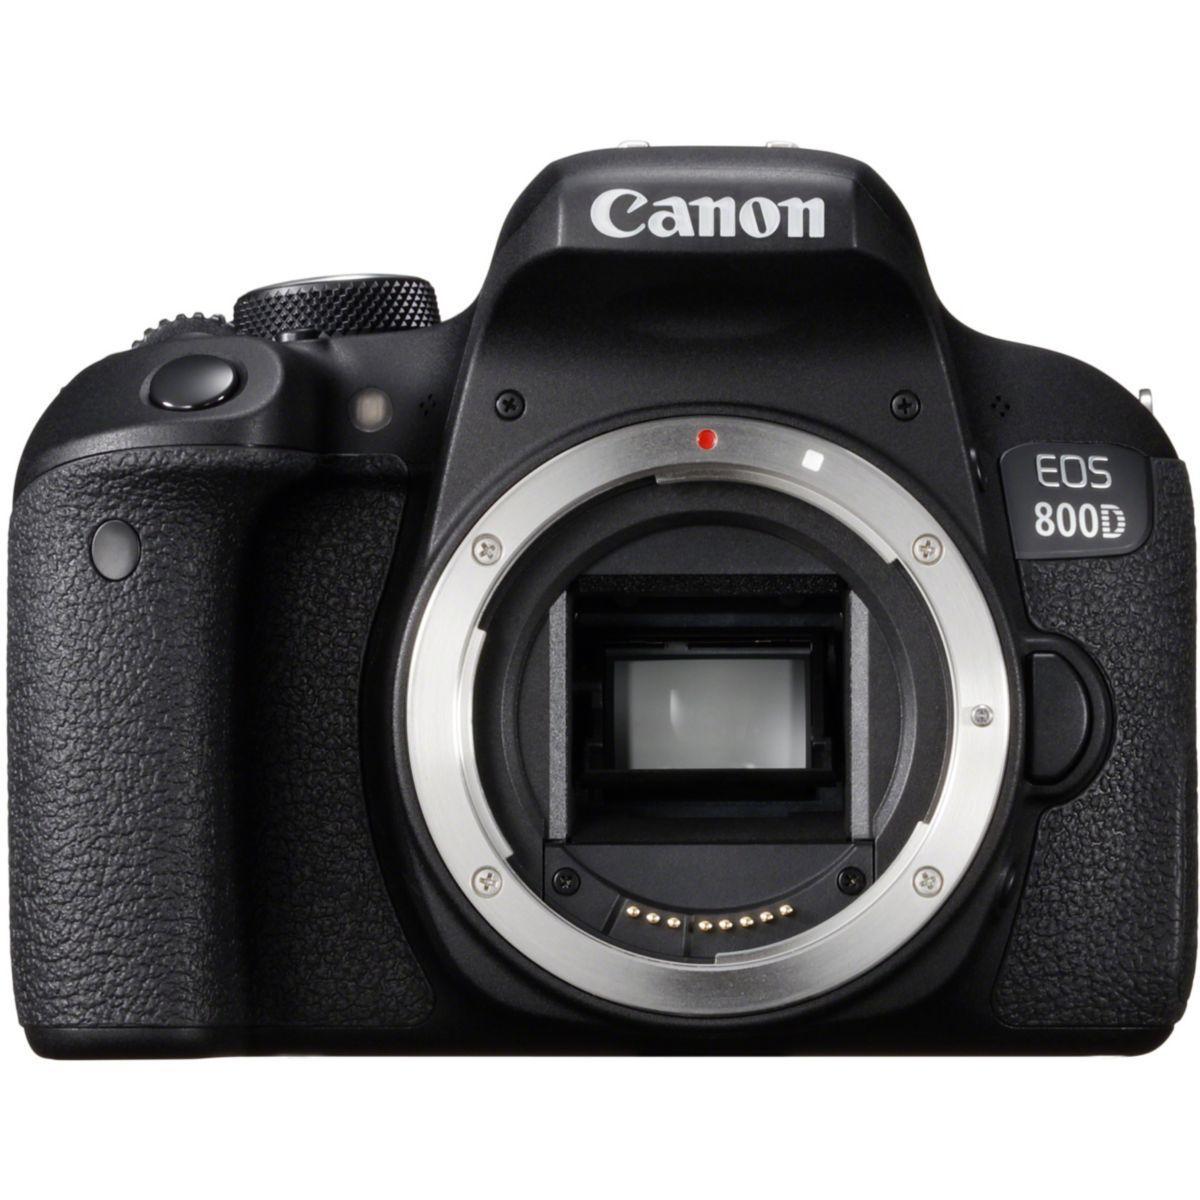 Appareil photo reflex canon eos 800d nu - 2% de remise imm?dia...